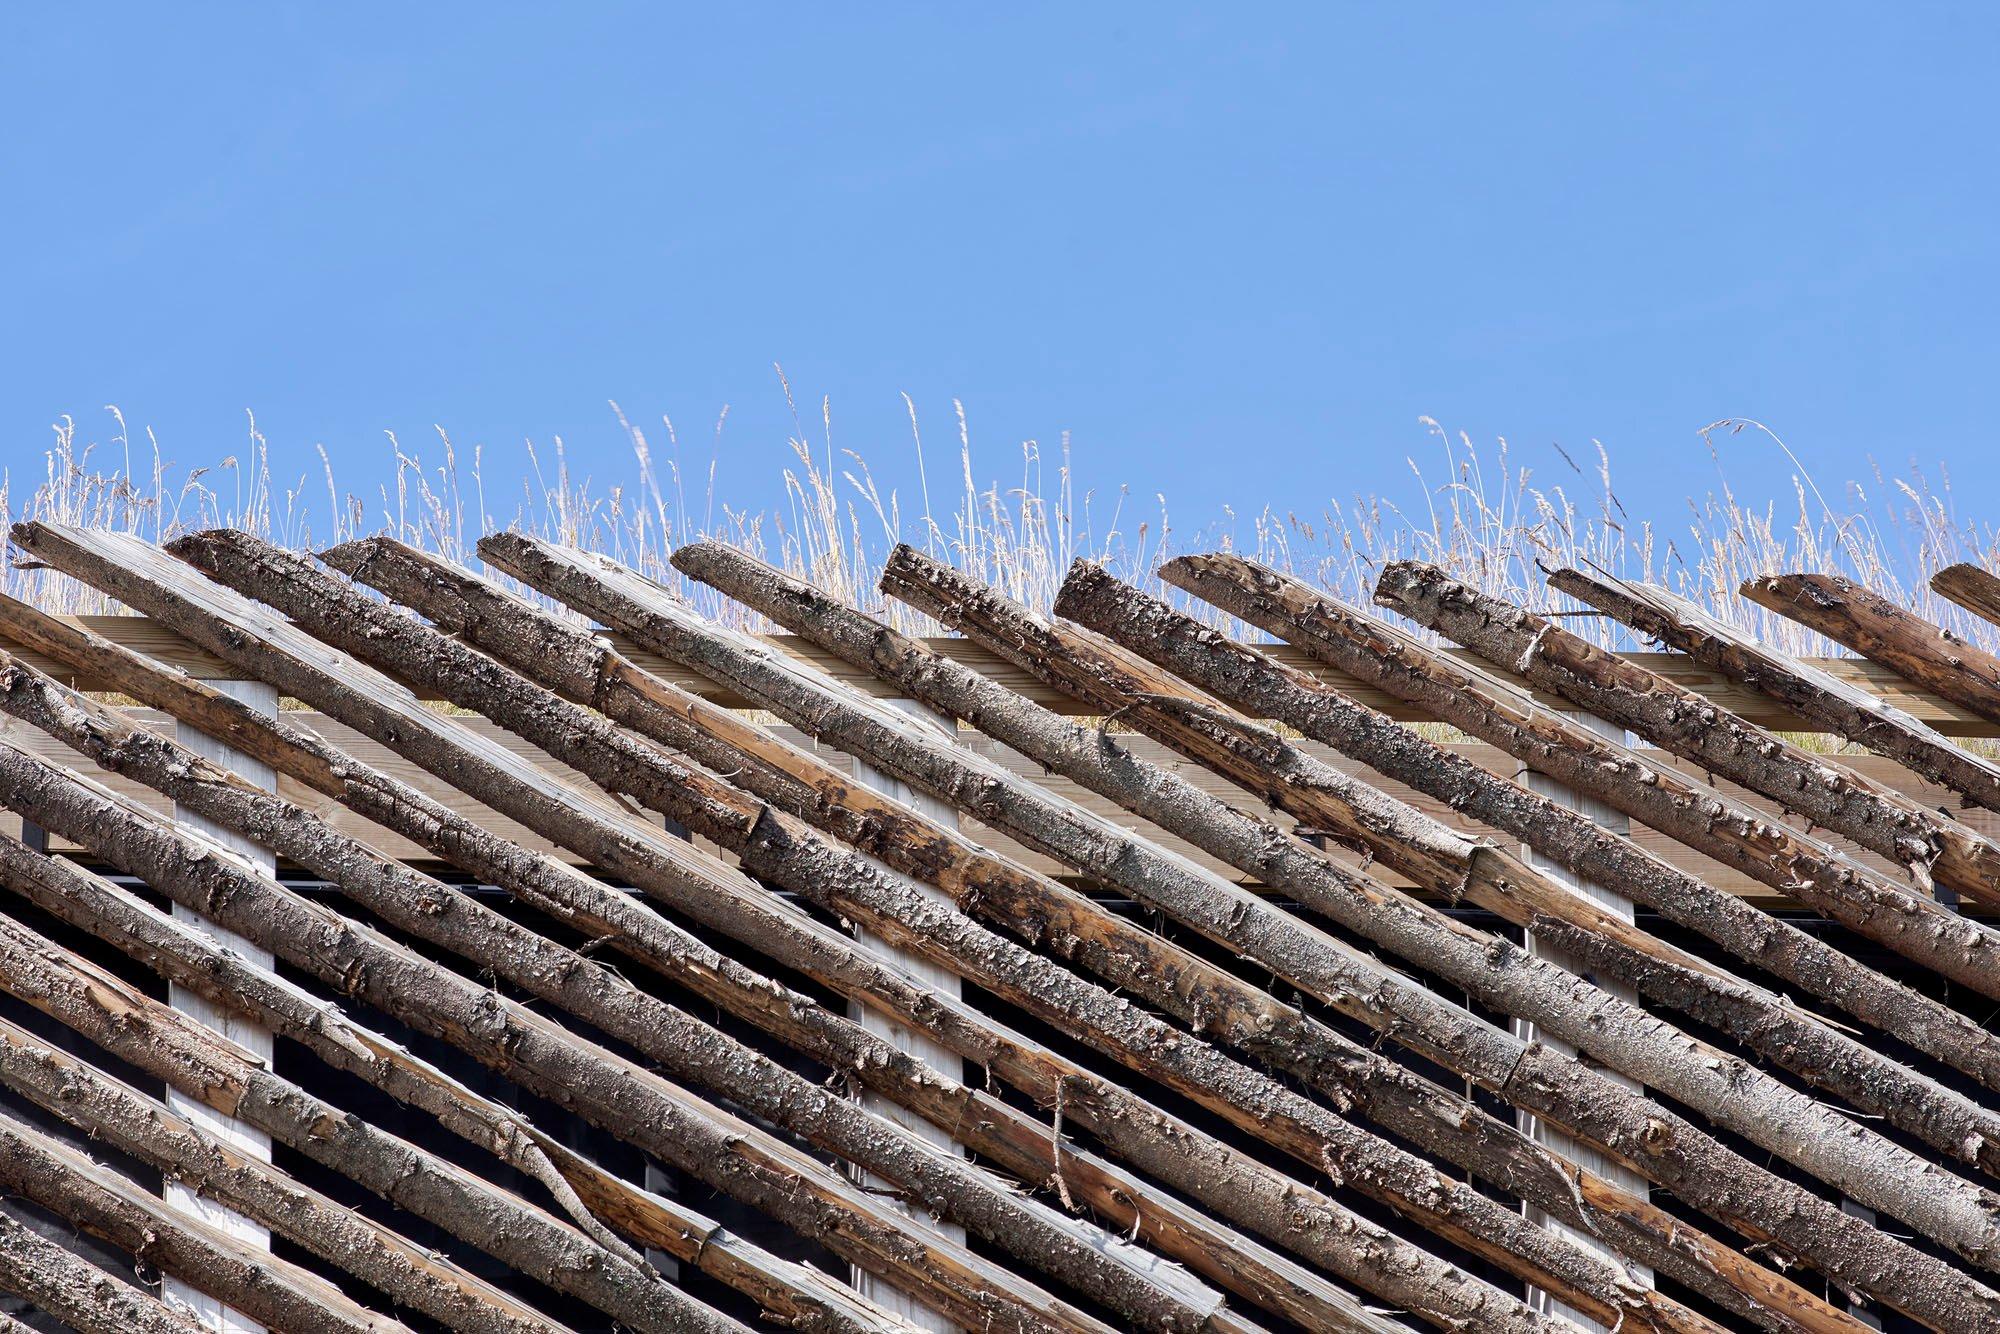 Eine vorgelagerte Zaunebene fängt die Schneemassen ab, bevor sie die eigentliche Massivholzfassadesowie die großformatigen, bodentiefen Fenster erreichen.